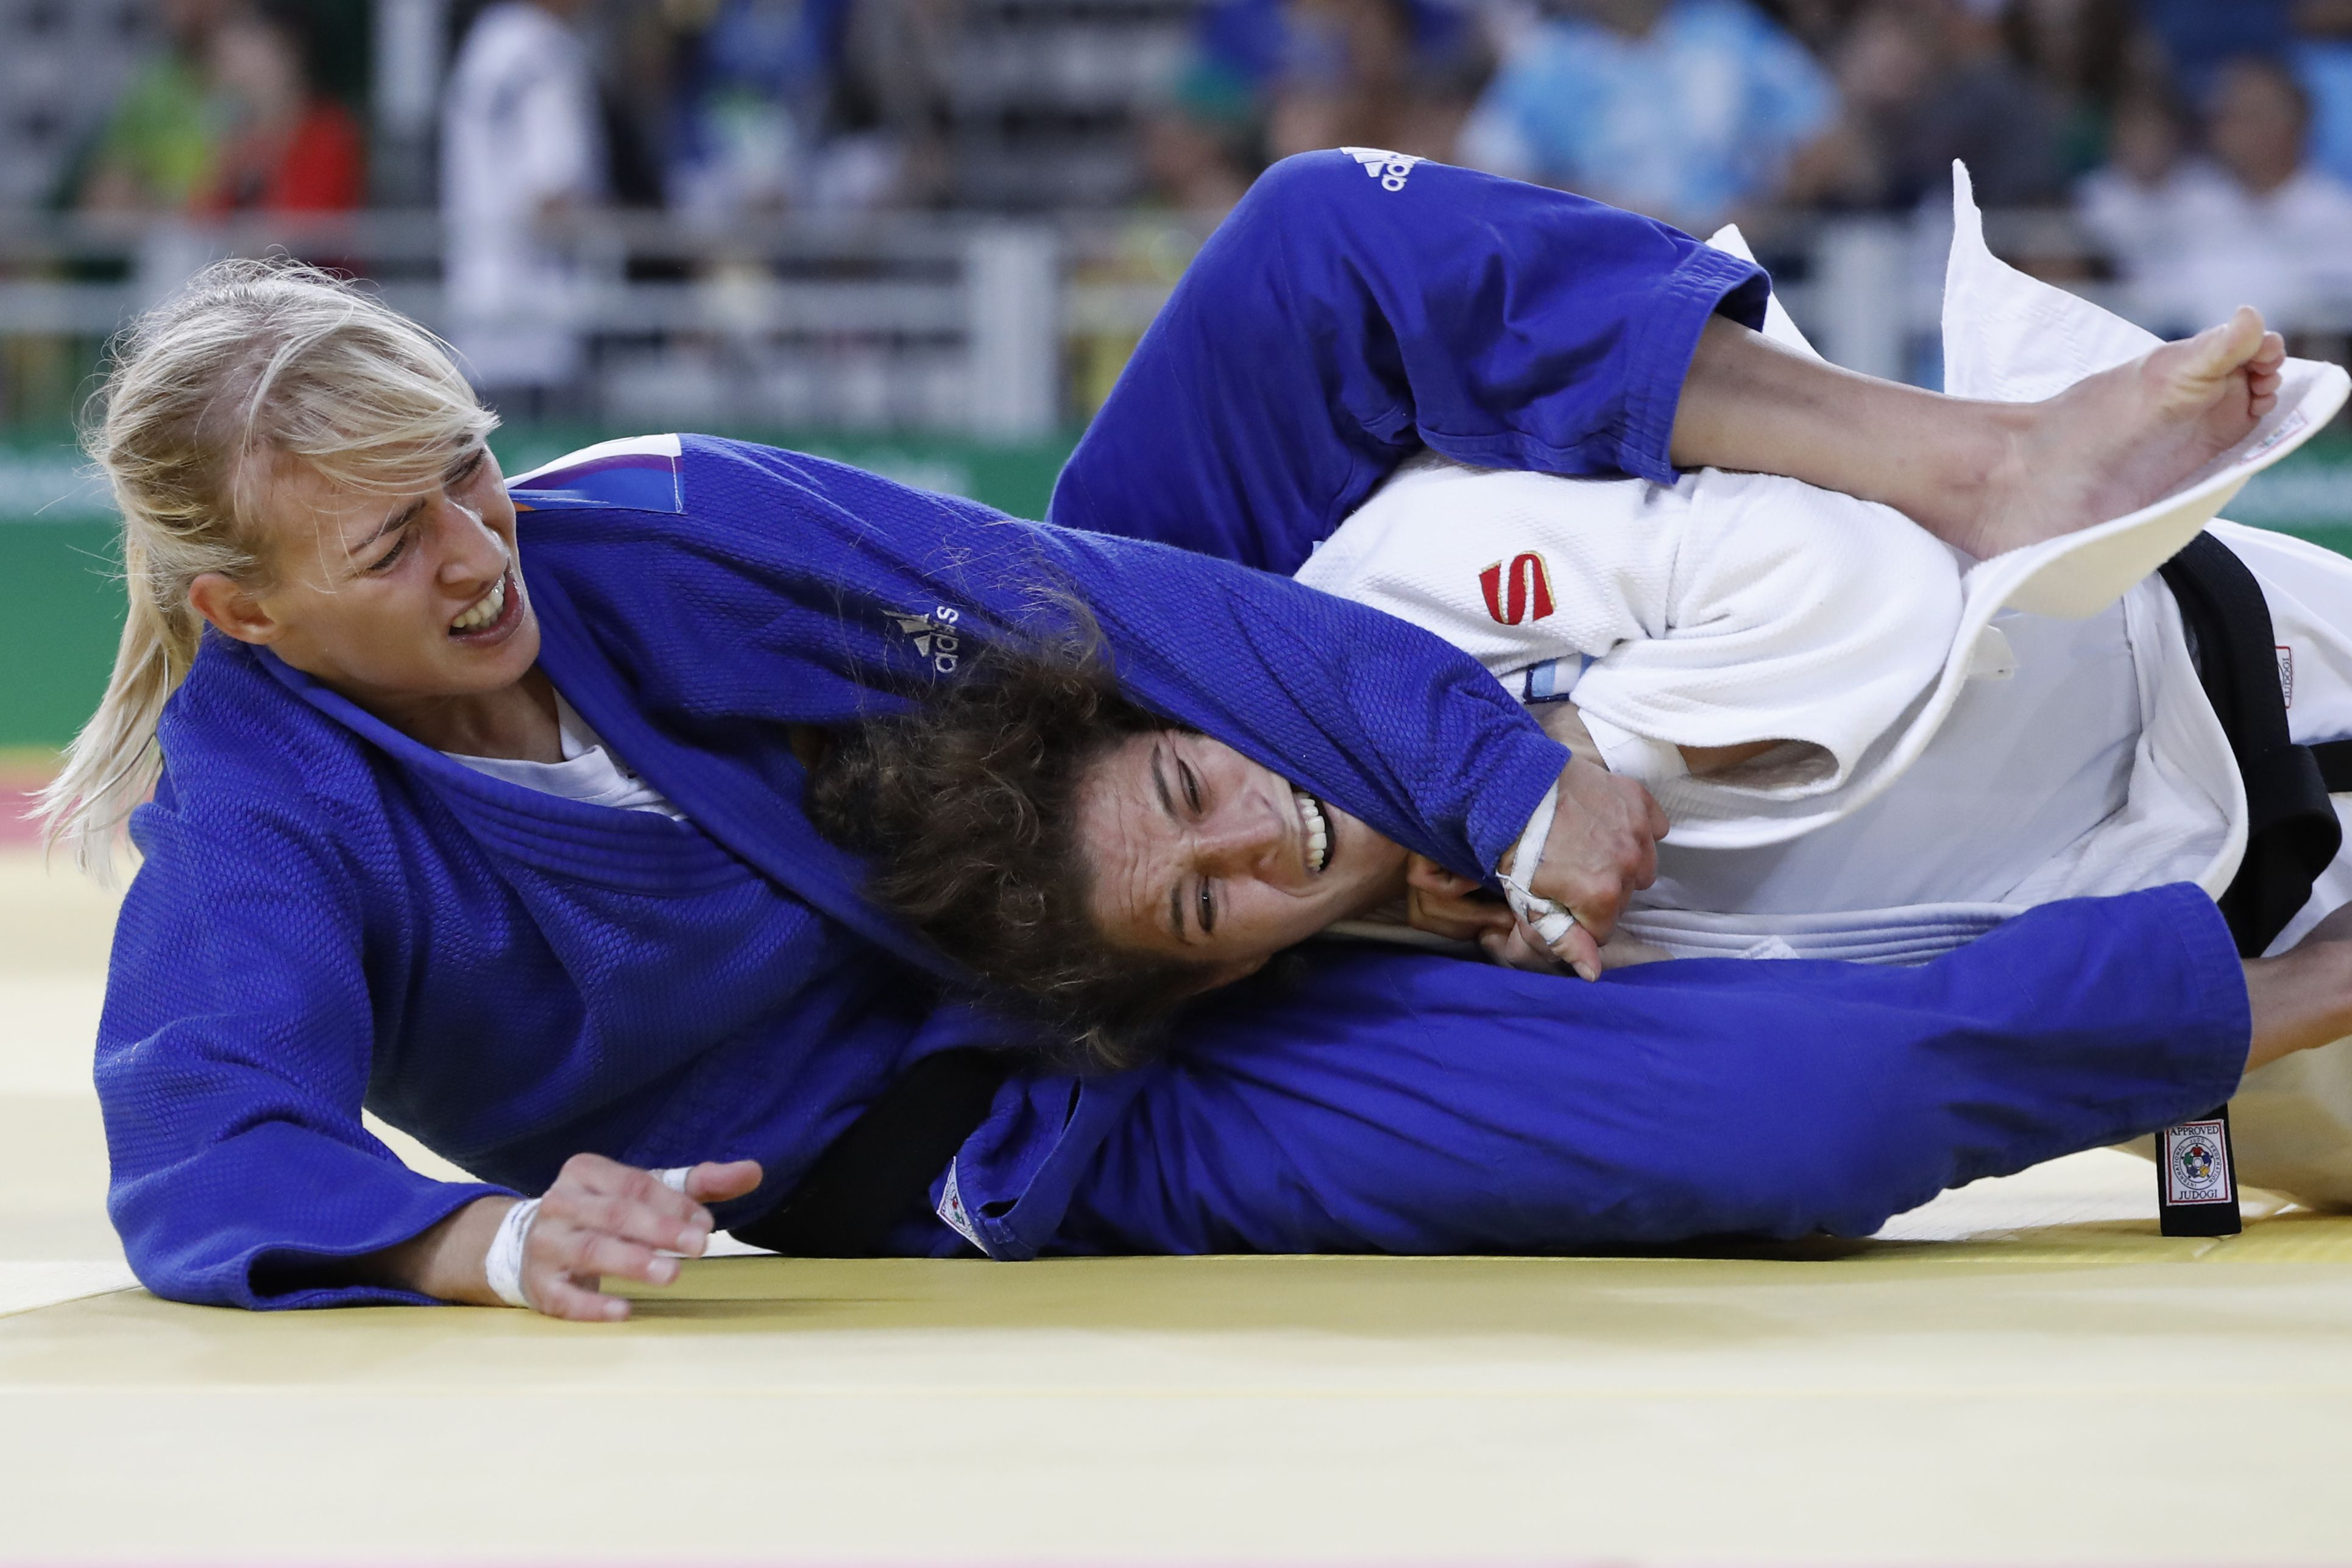 Enorme: la judoca Pareto está en semifinales de los Juegos Olímpicos